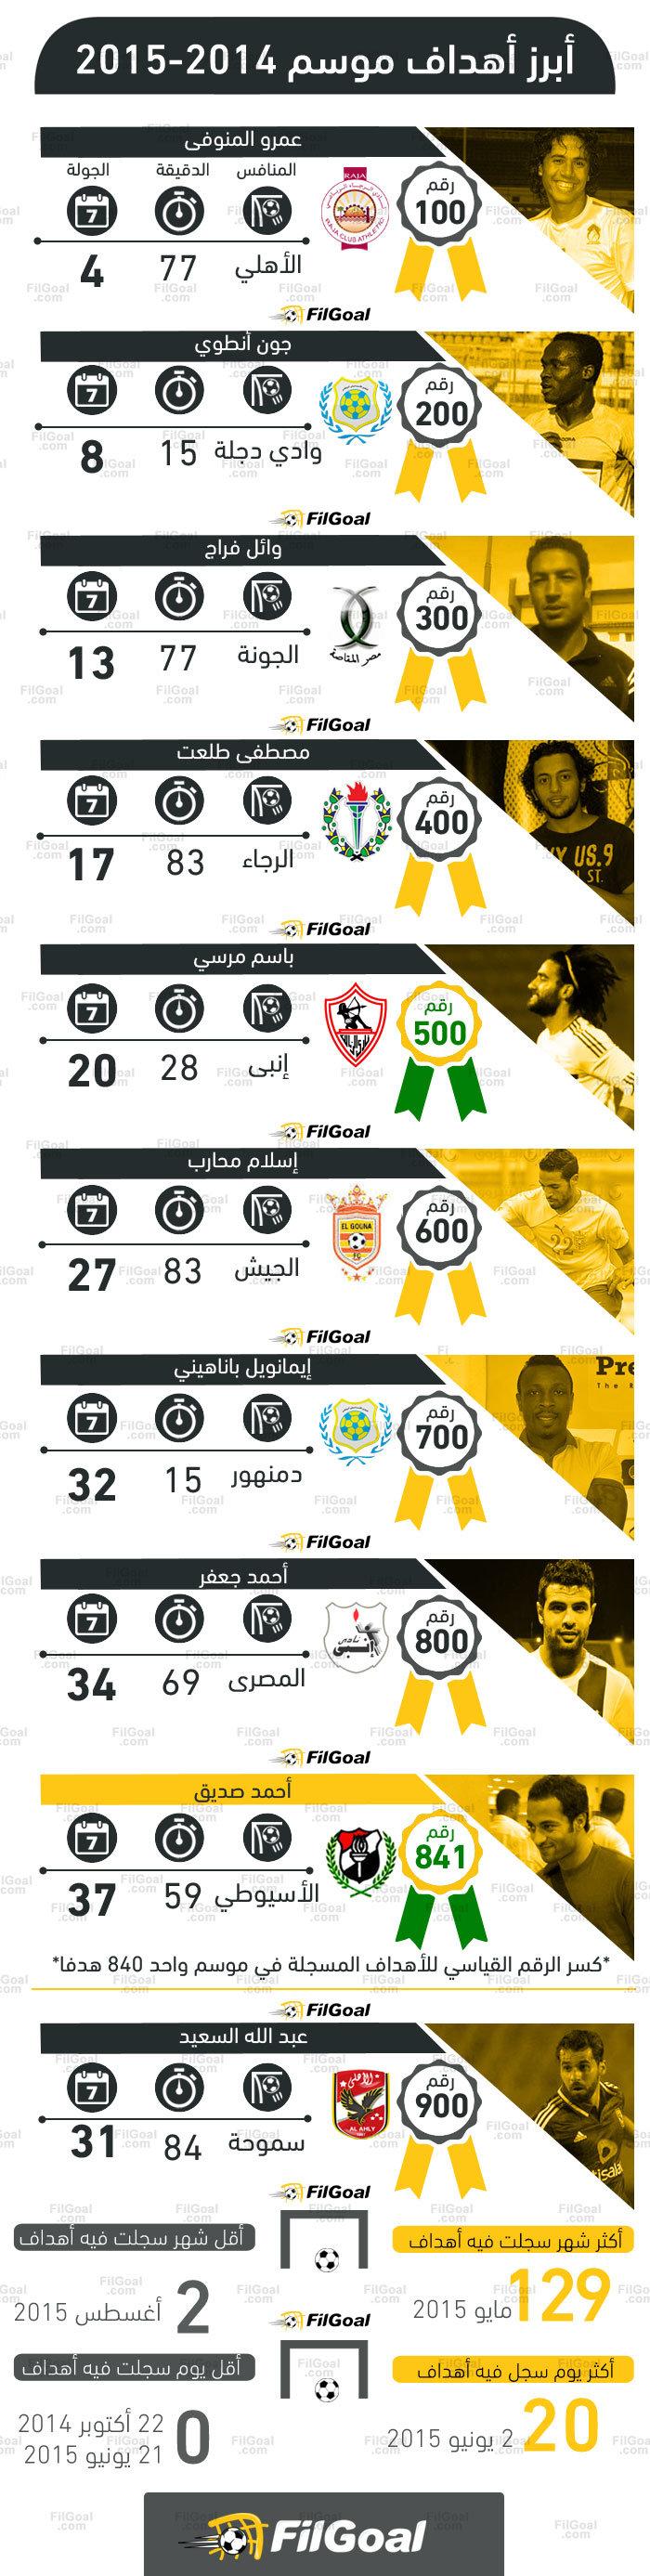 #انفوجرافيك في الجول حكاية 10 أهداف تاريخية في موسم الدوري المصري #كوره